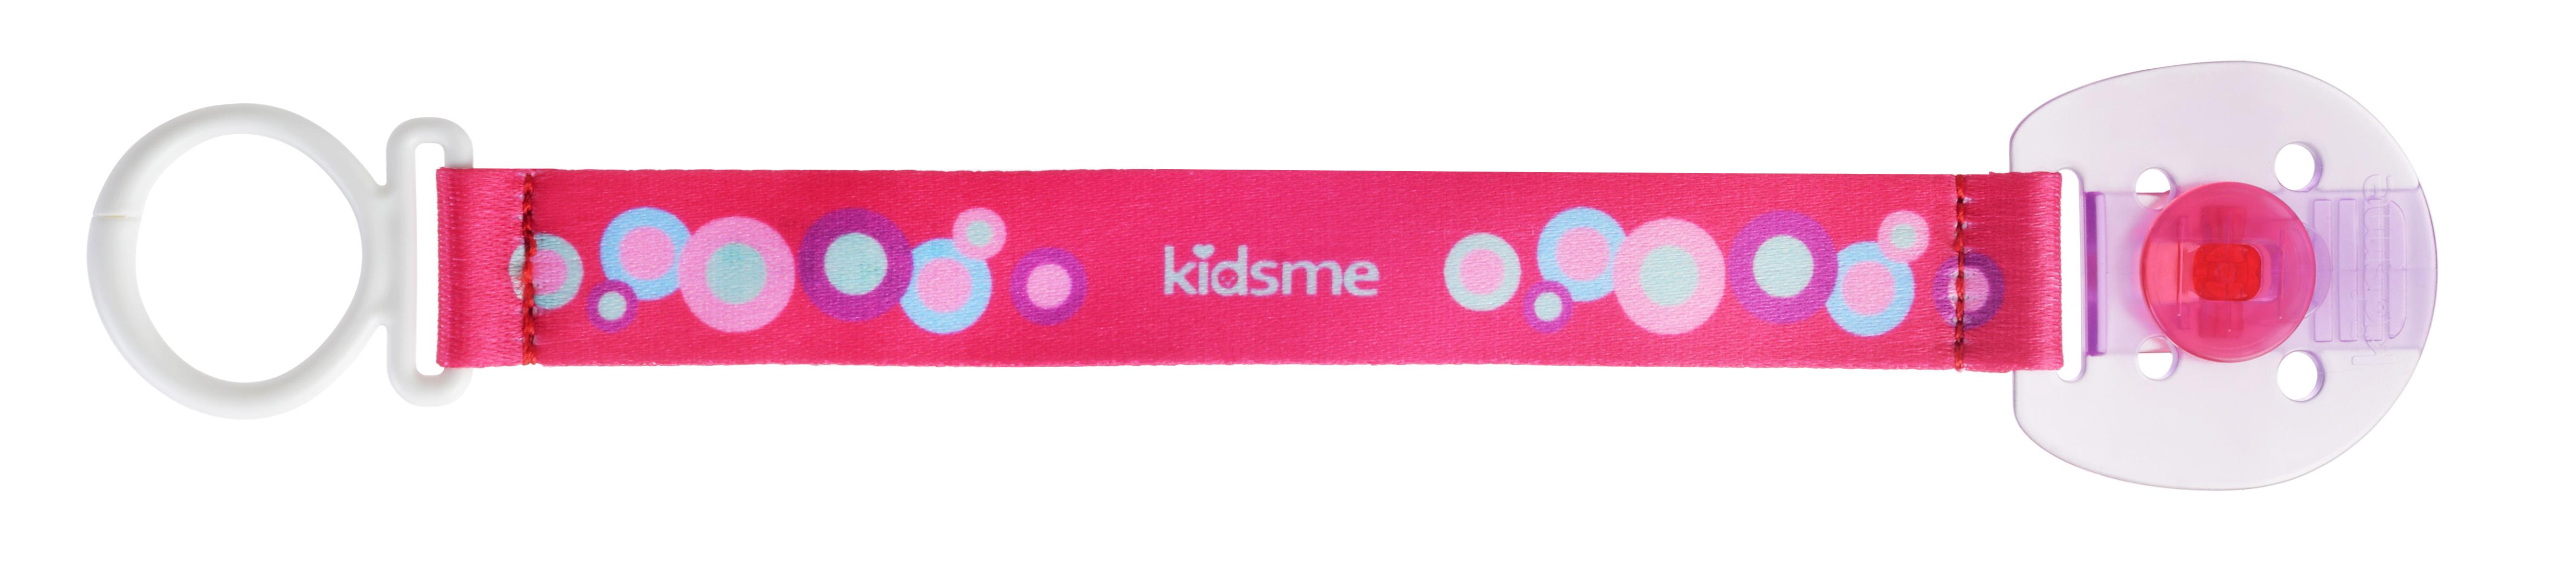 Kidsme Māneklīša turētājs - klipsis, Lavender 160118 LA aksesuāri bērniem